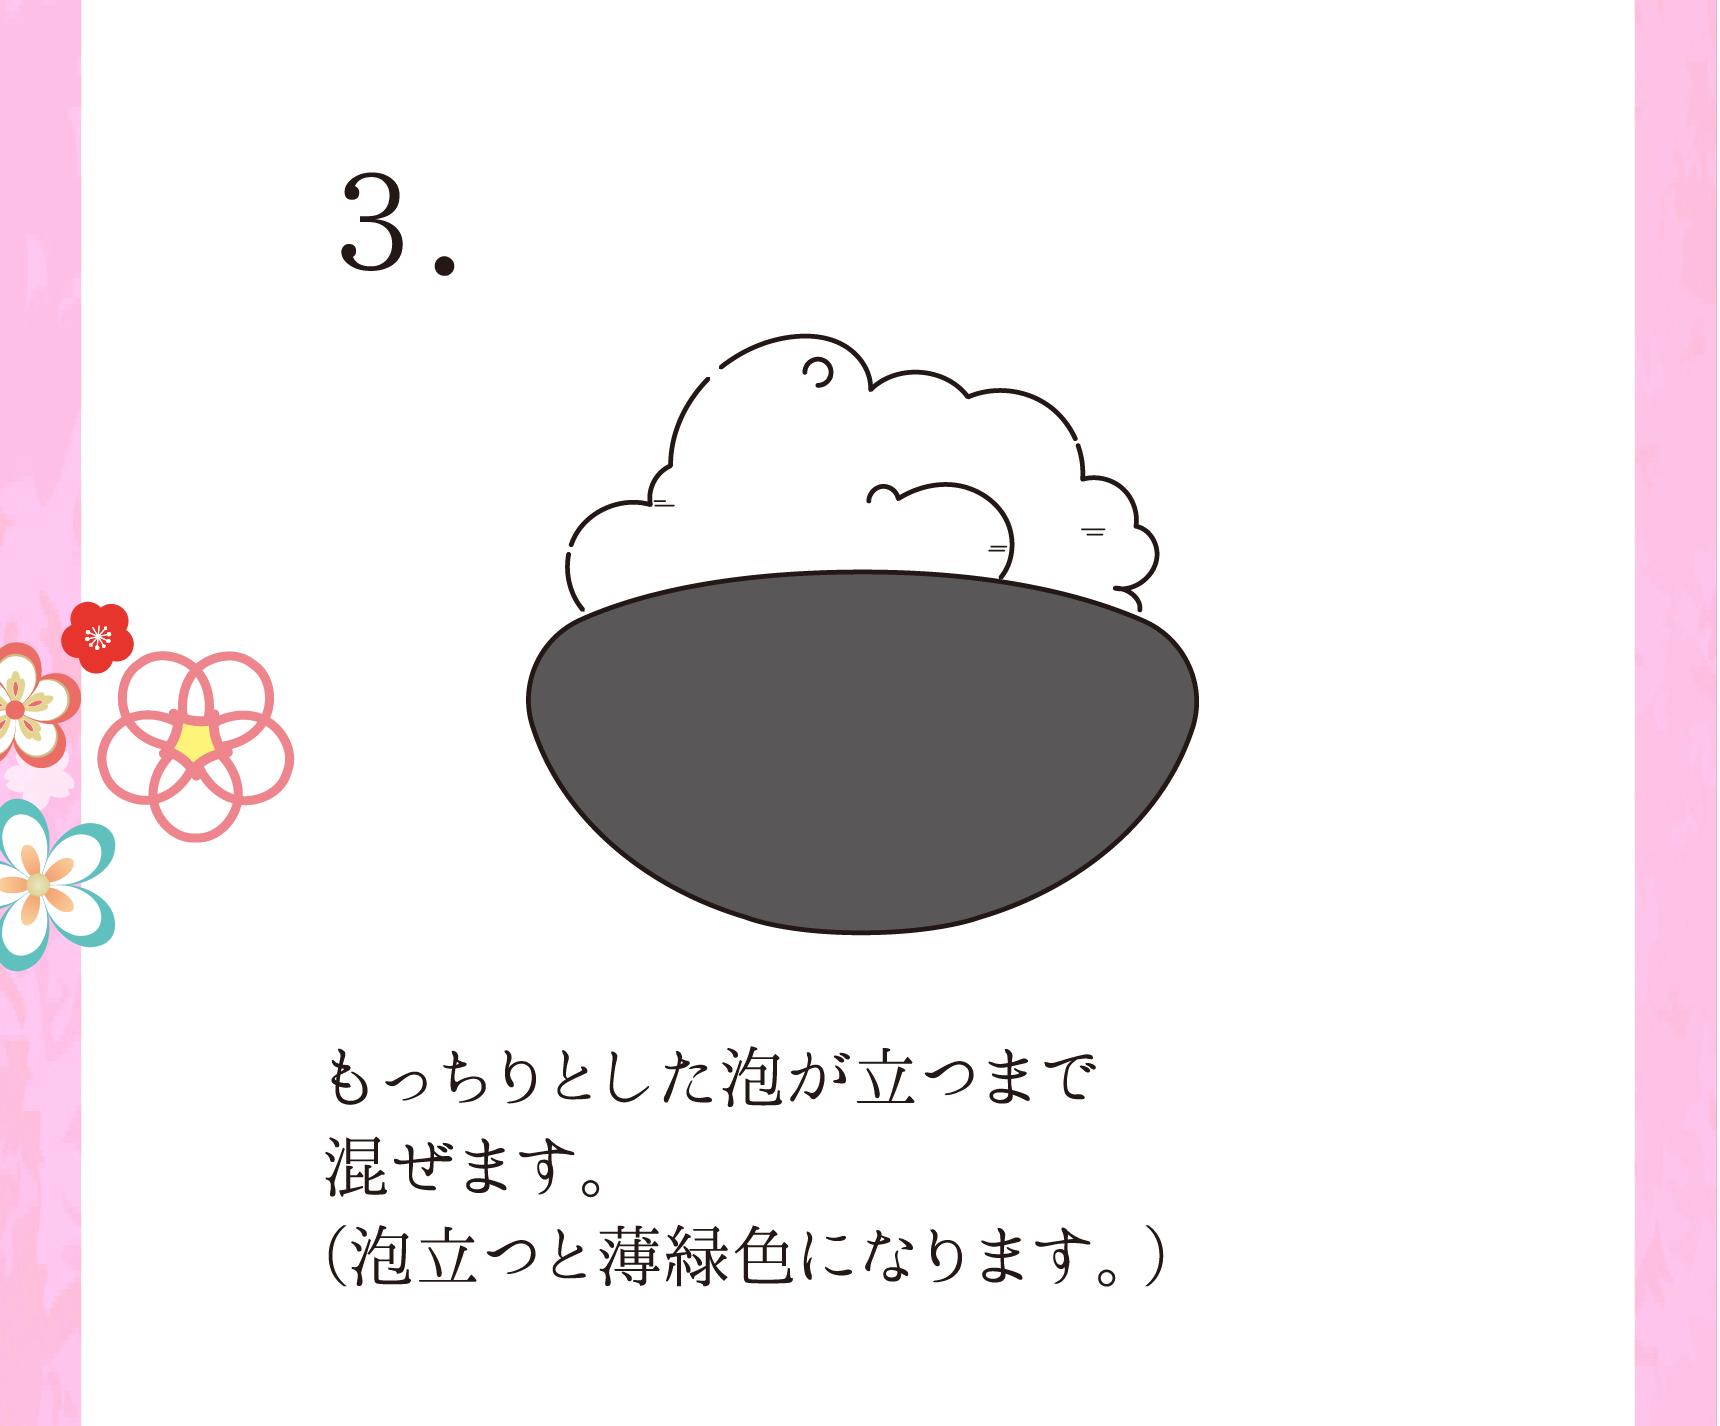 ③もっちりとした泡が立つまで混ぜます。(泡立つと薄緑色になります。)